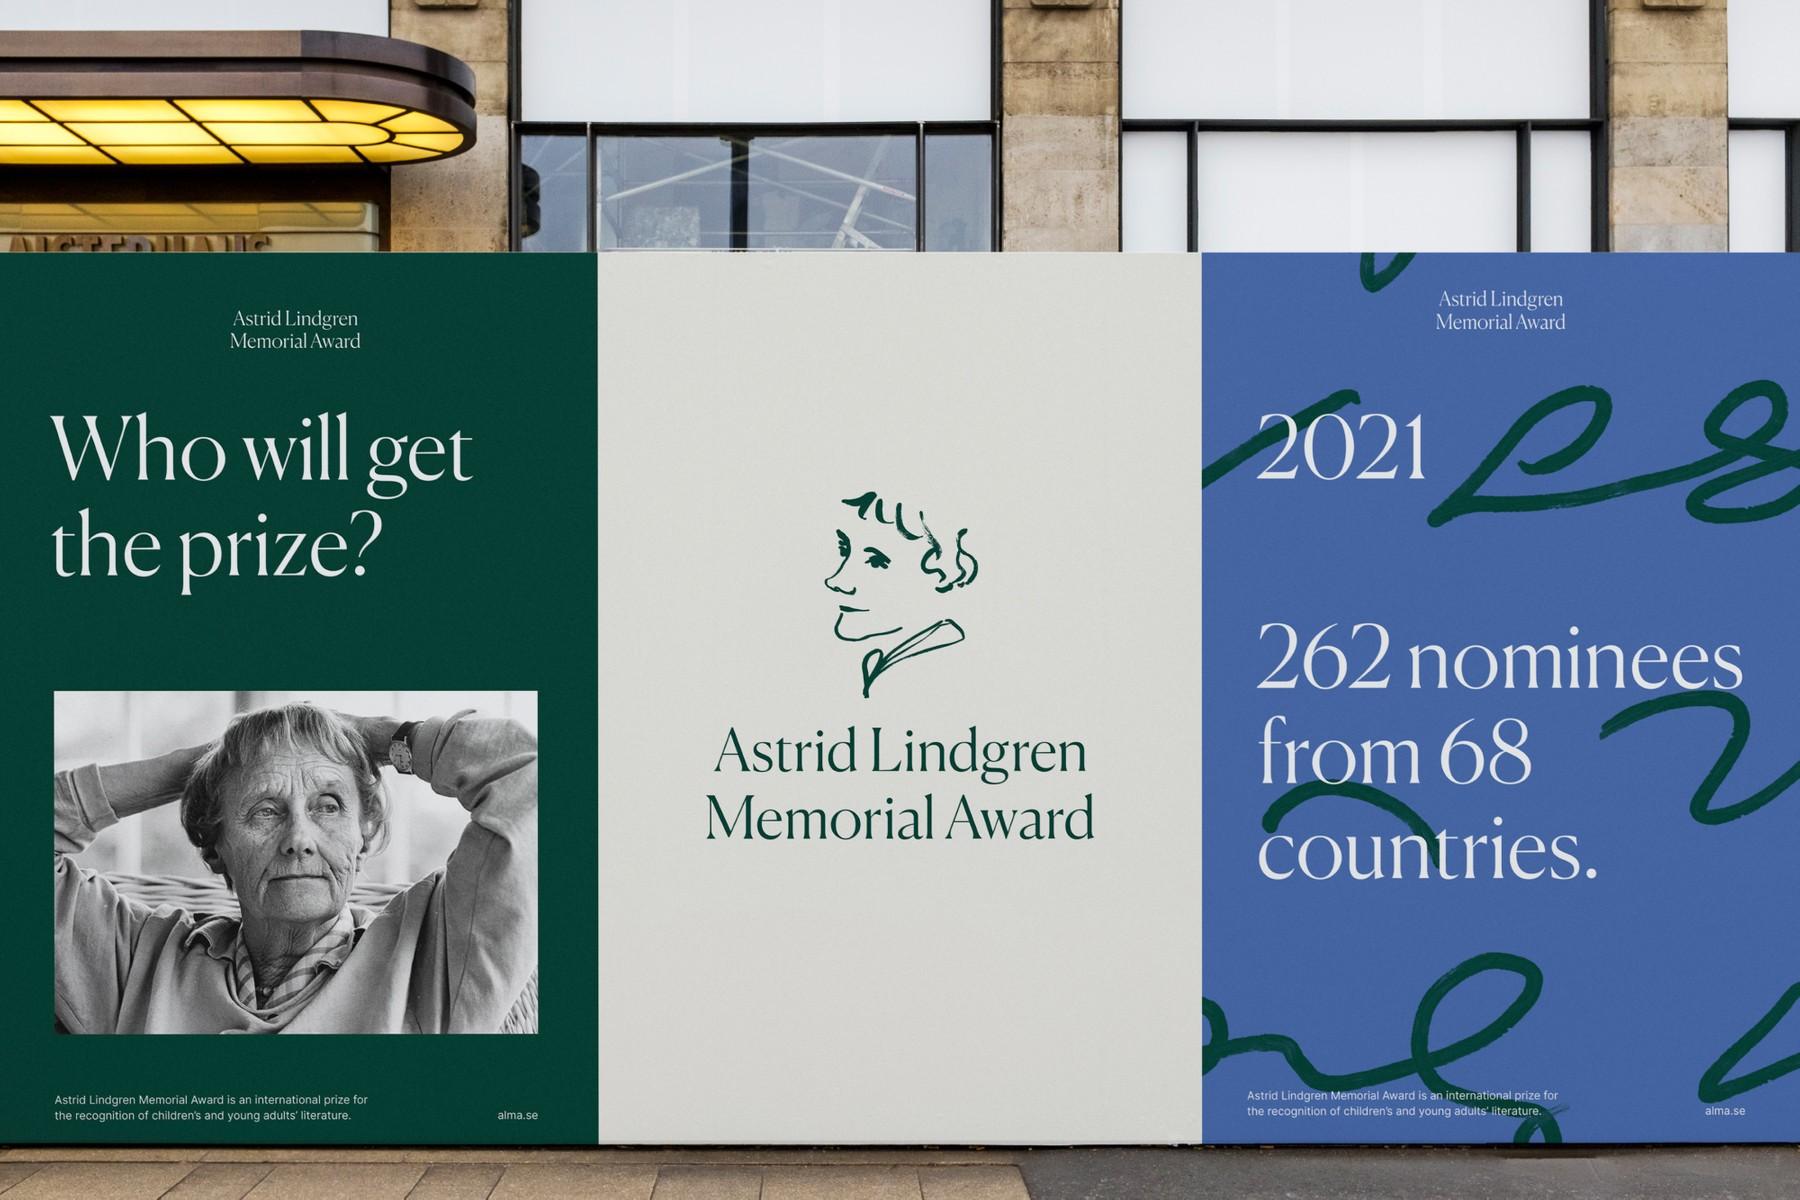 astrid_lindgren_memorial_award_advertising_02.jpg